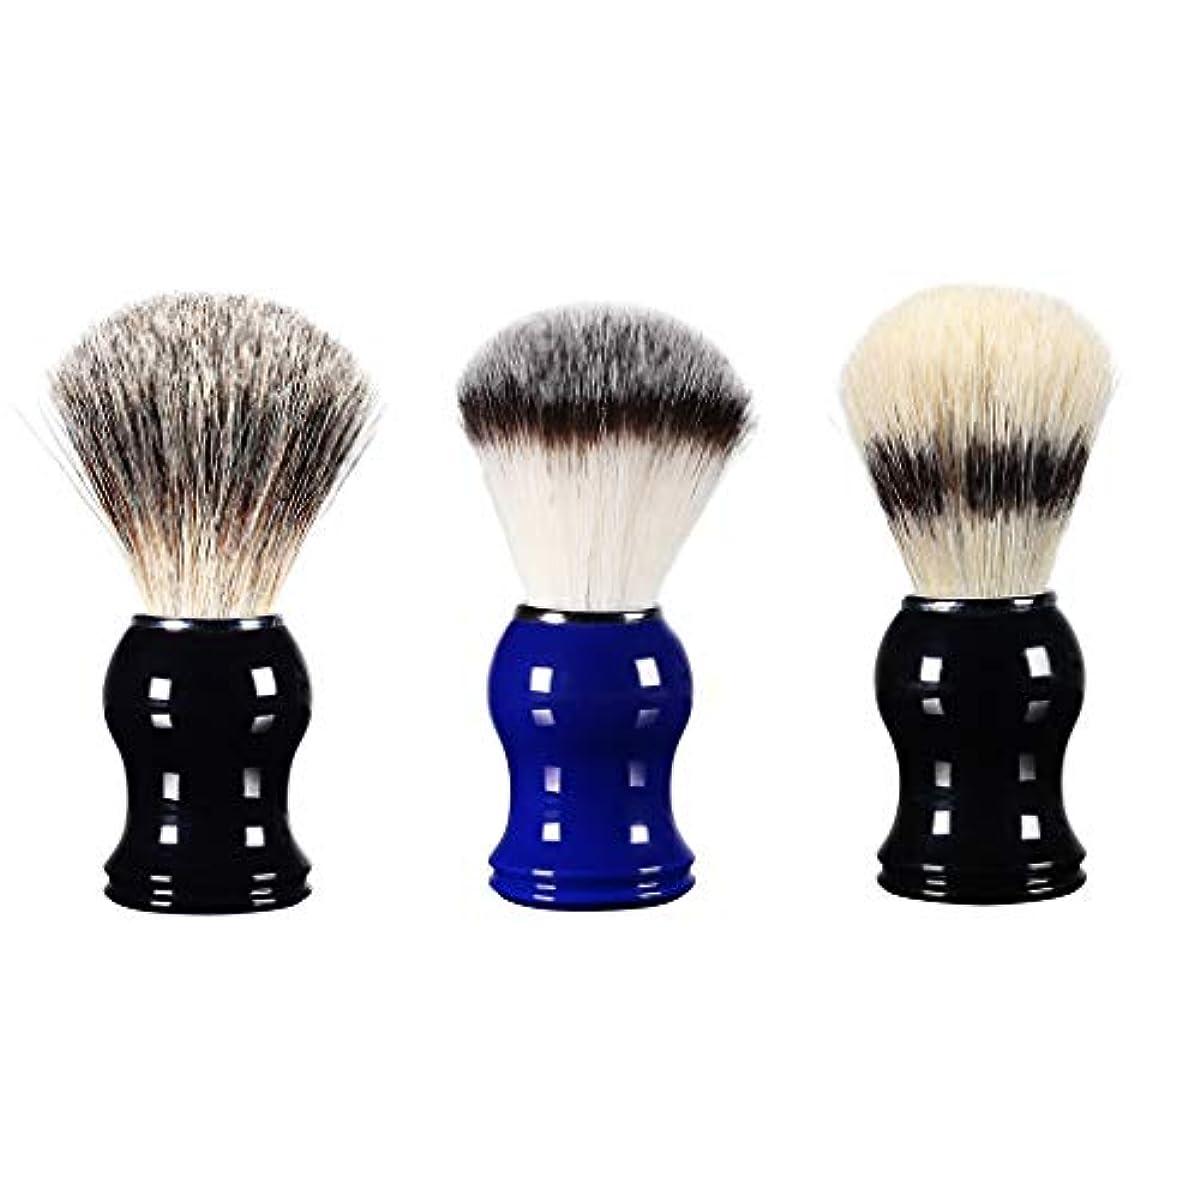 染料不器用測る3個 男性用 シェービング用ブラシ 理容 洗顔 髭剃り 泡立ち アクセサリー